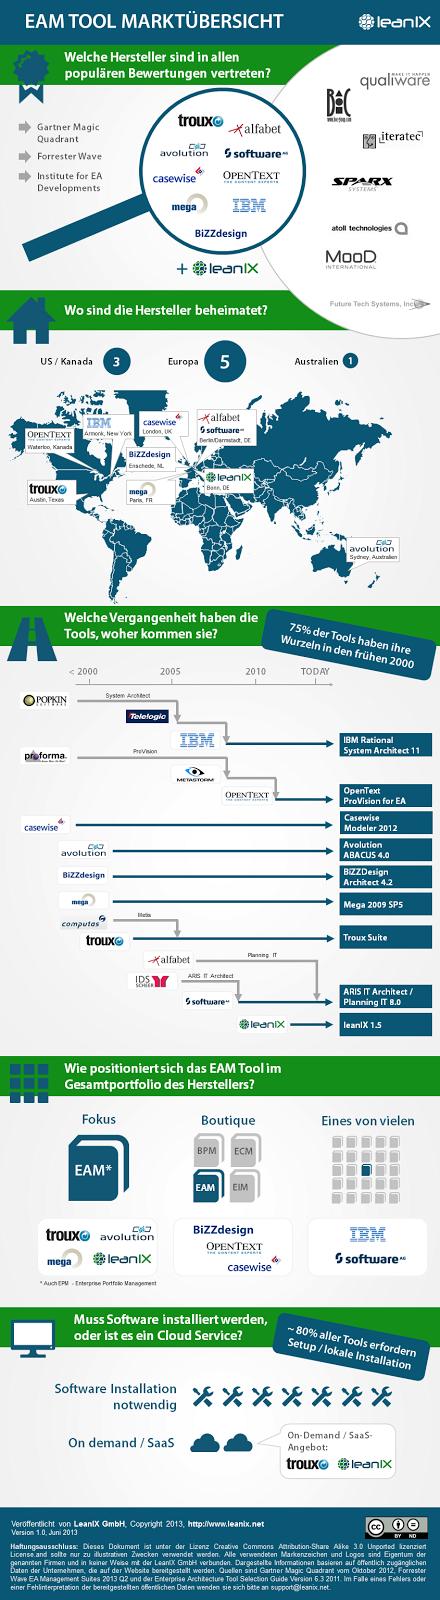 leanIX-Infografik: Marktüberblick EAM-Tools